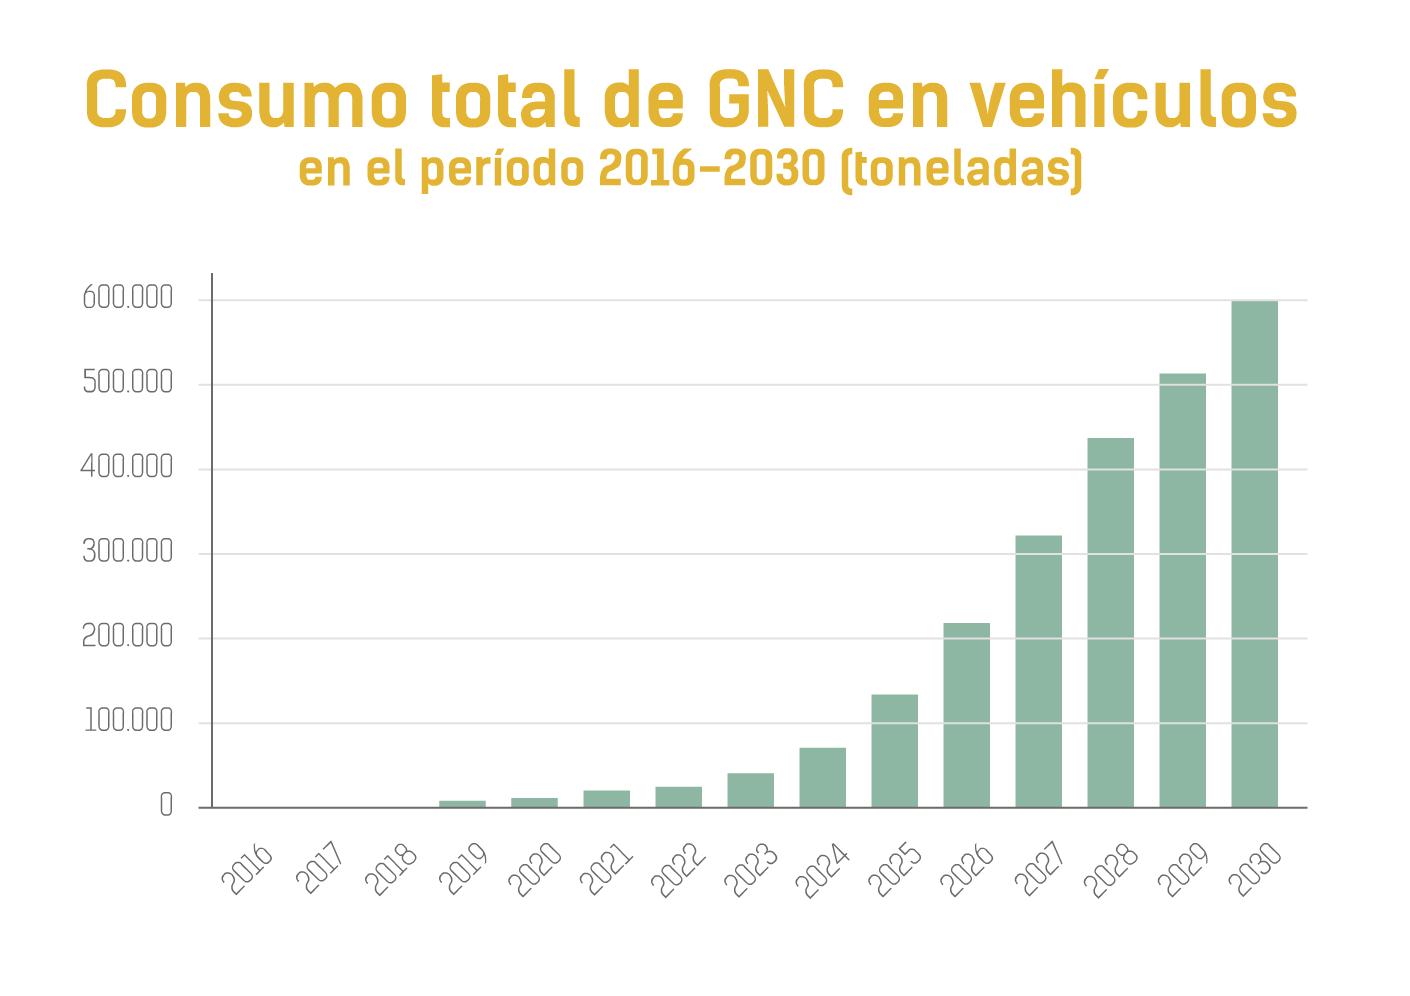 2. CONSUMO TOTOAL DE GNC EN VEHICULOS